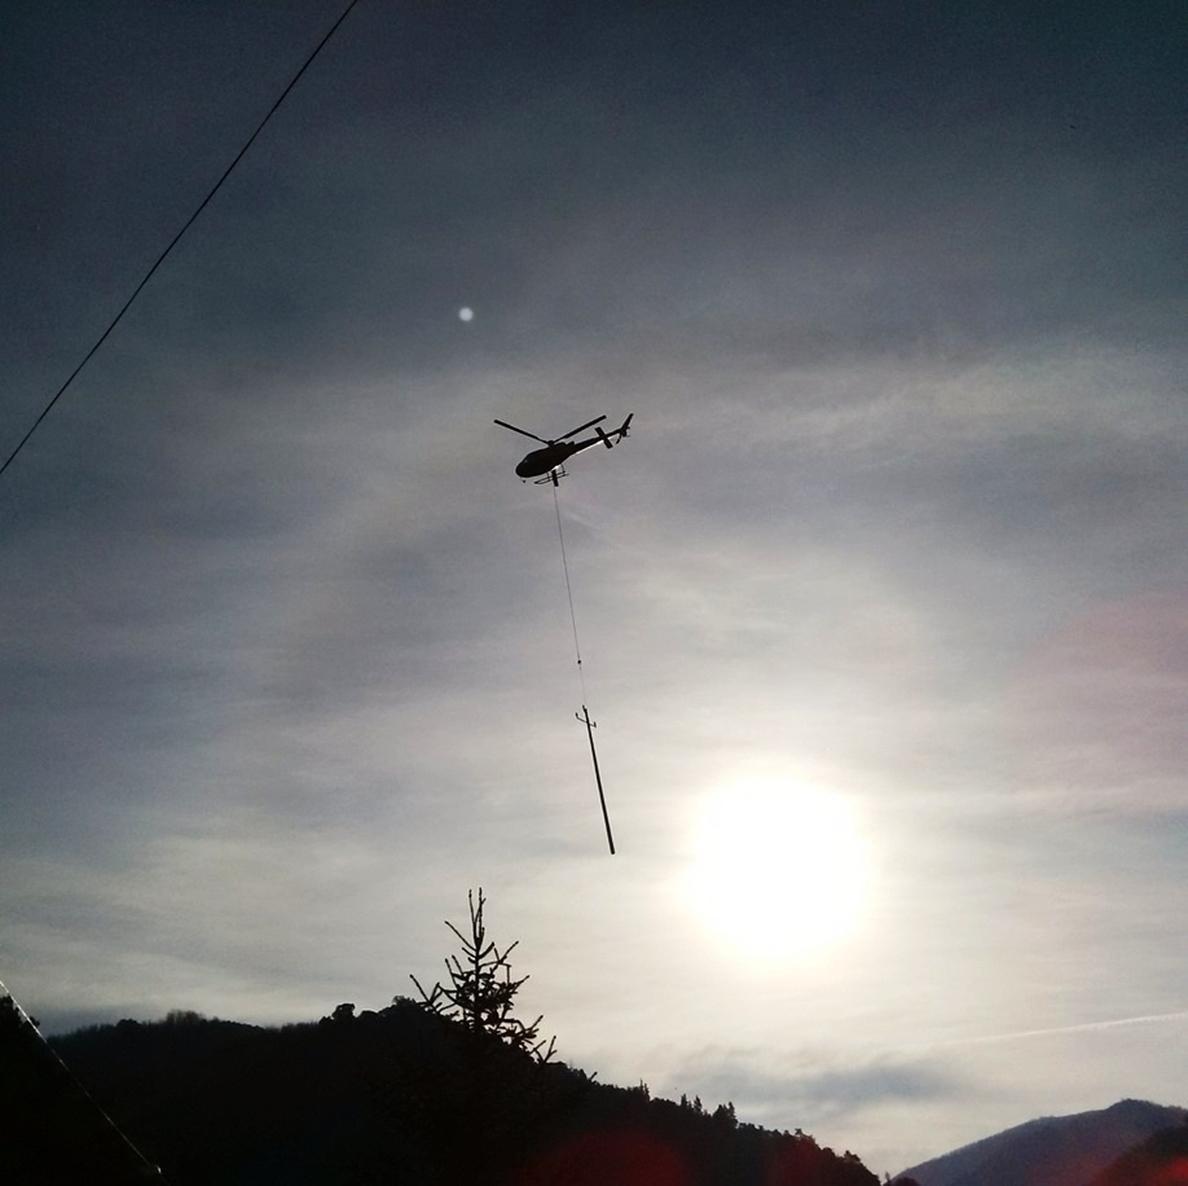 Endesa renueva con helicóptero una línea eléctrica en La Selva (Girona)